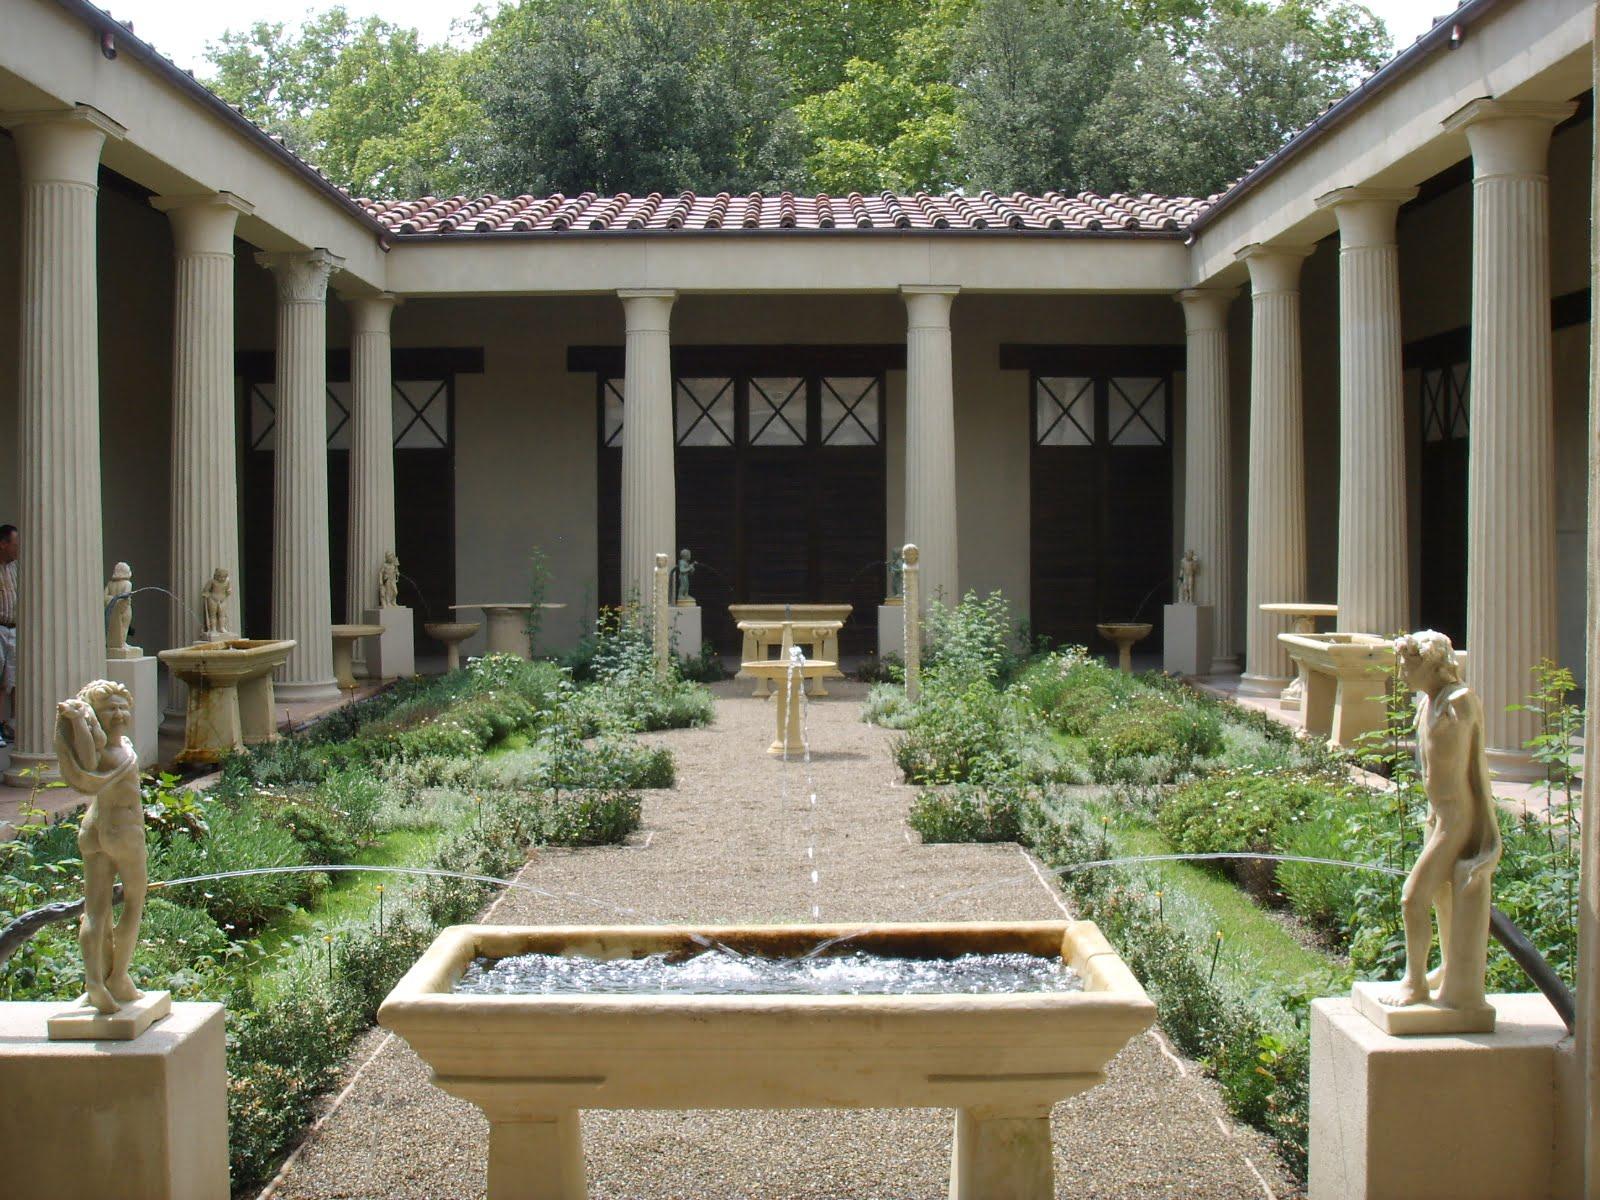 Reconstrucción del jardín romano de la Casa de los Vettii en Pompeya. Foto: Wikipedia